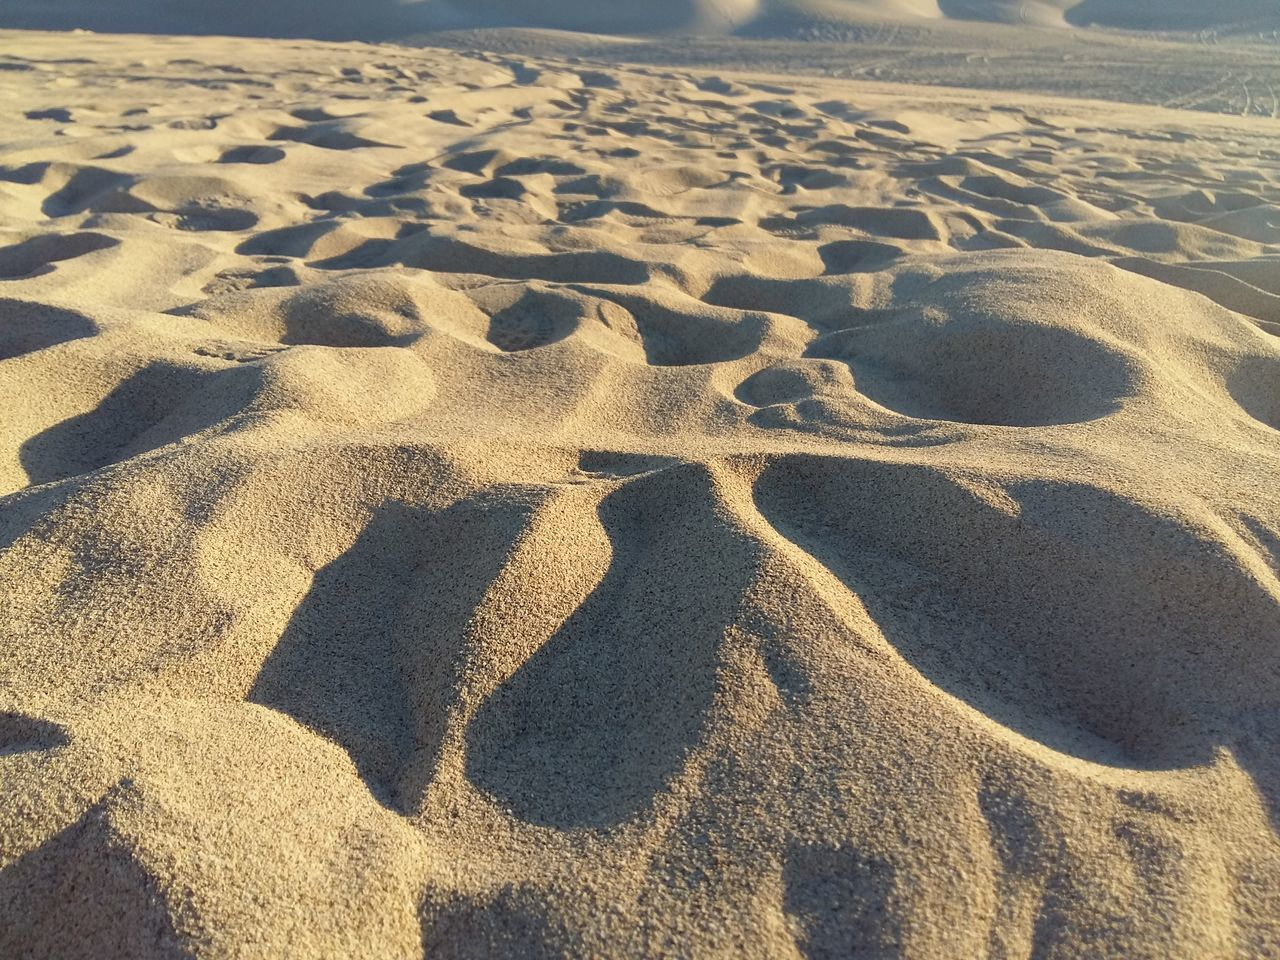 Shadow Of Sand On Beach